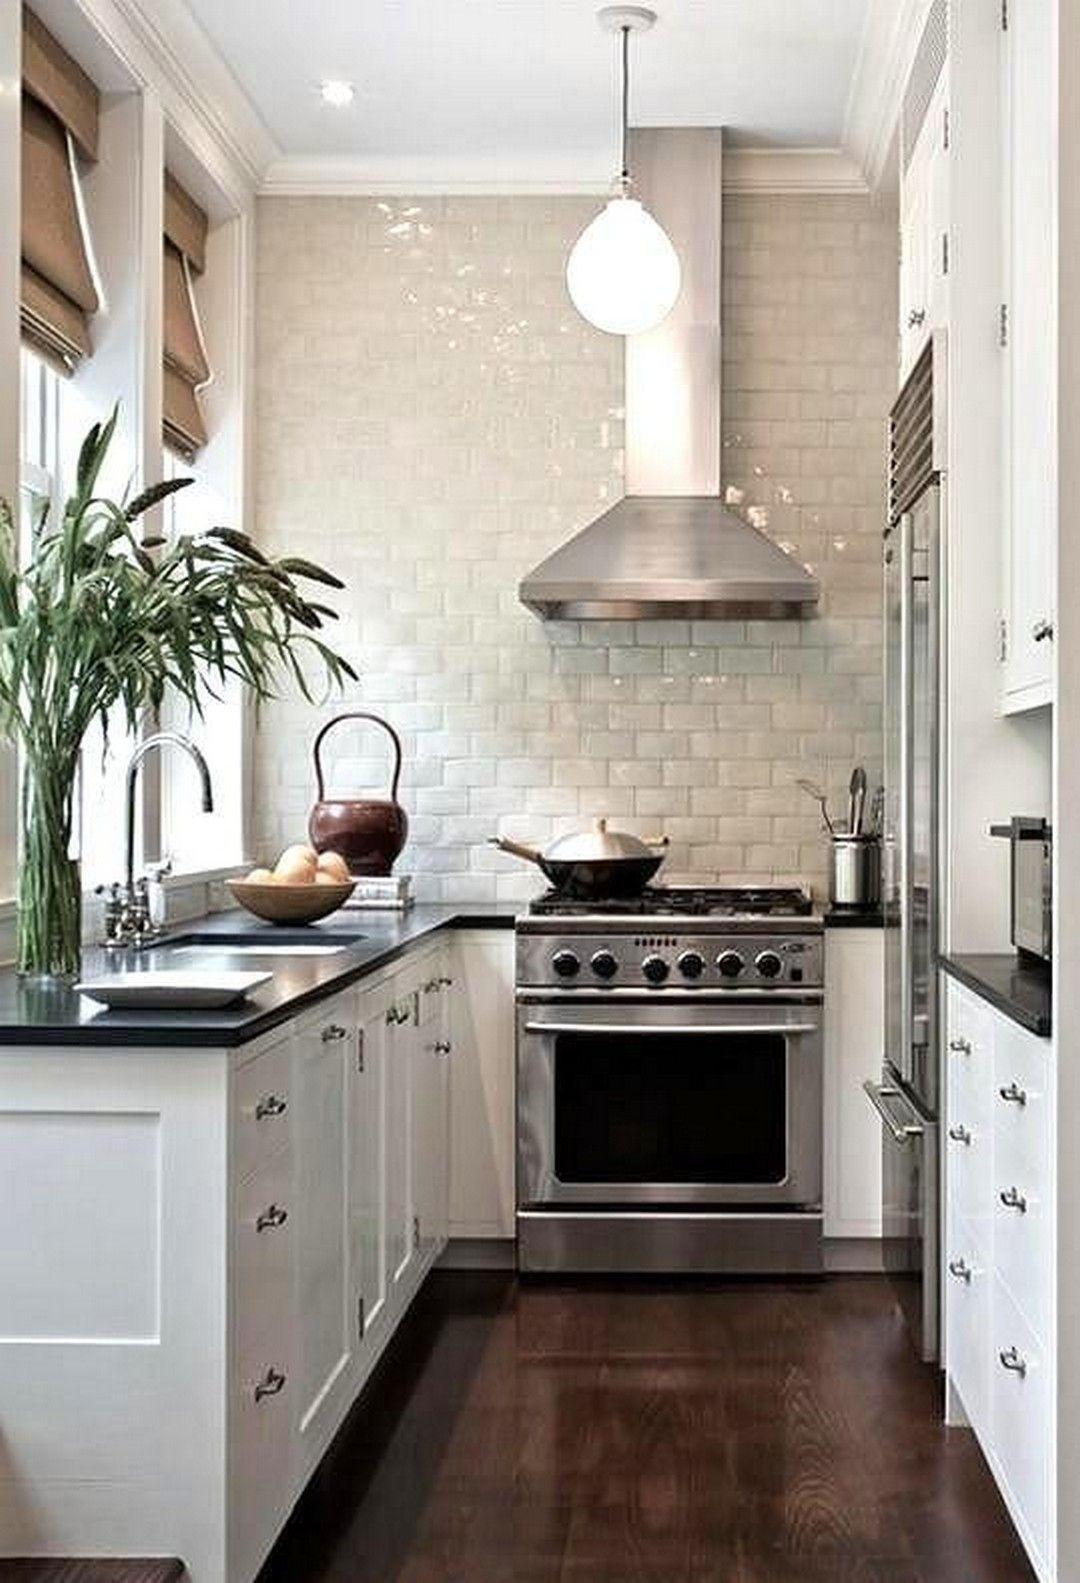 White Kitchen Design Ideas: 99 Awesome Photos